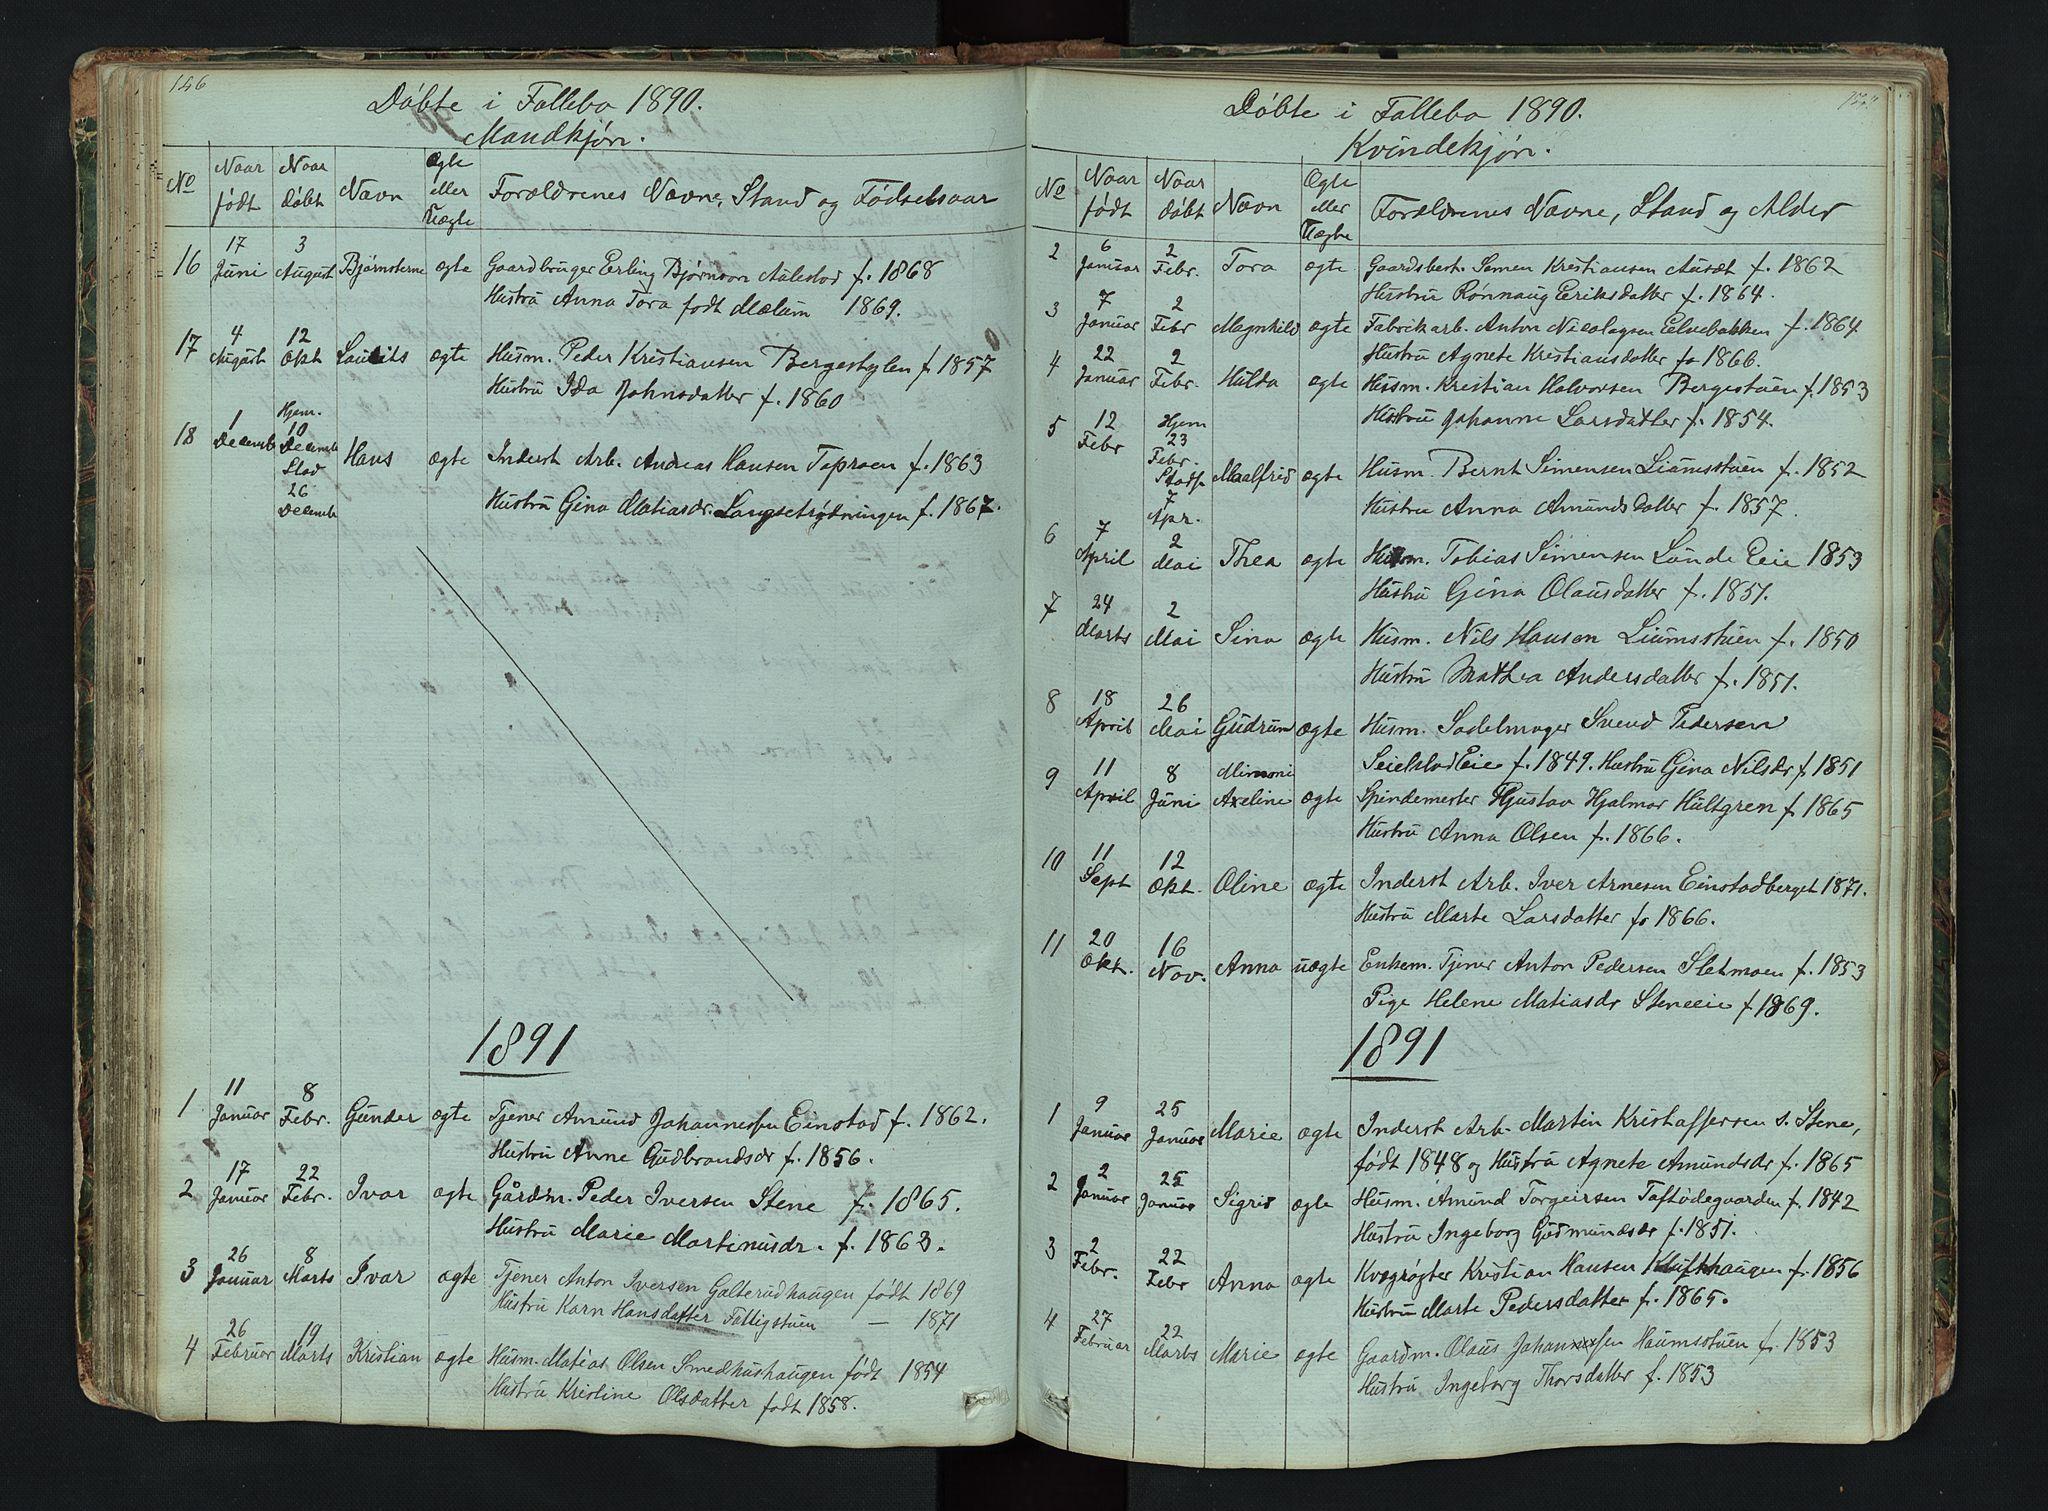 SAH, Gausdal prestekontor, Klokkerbok nr. 6, 1846-1893, s. 146-147